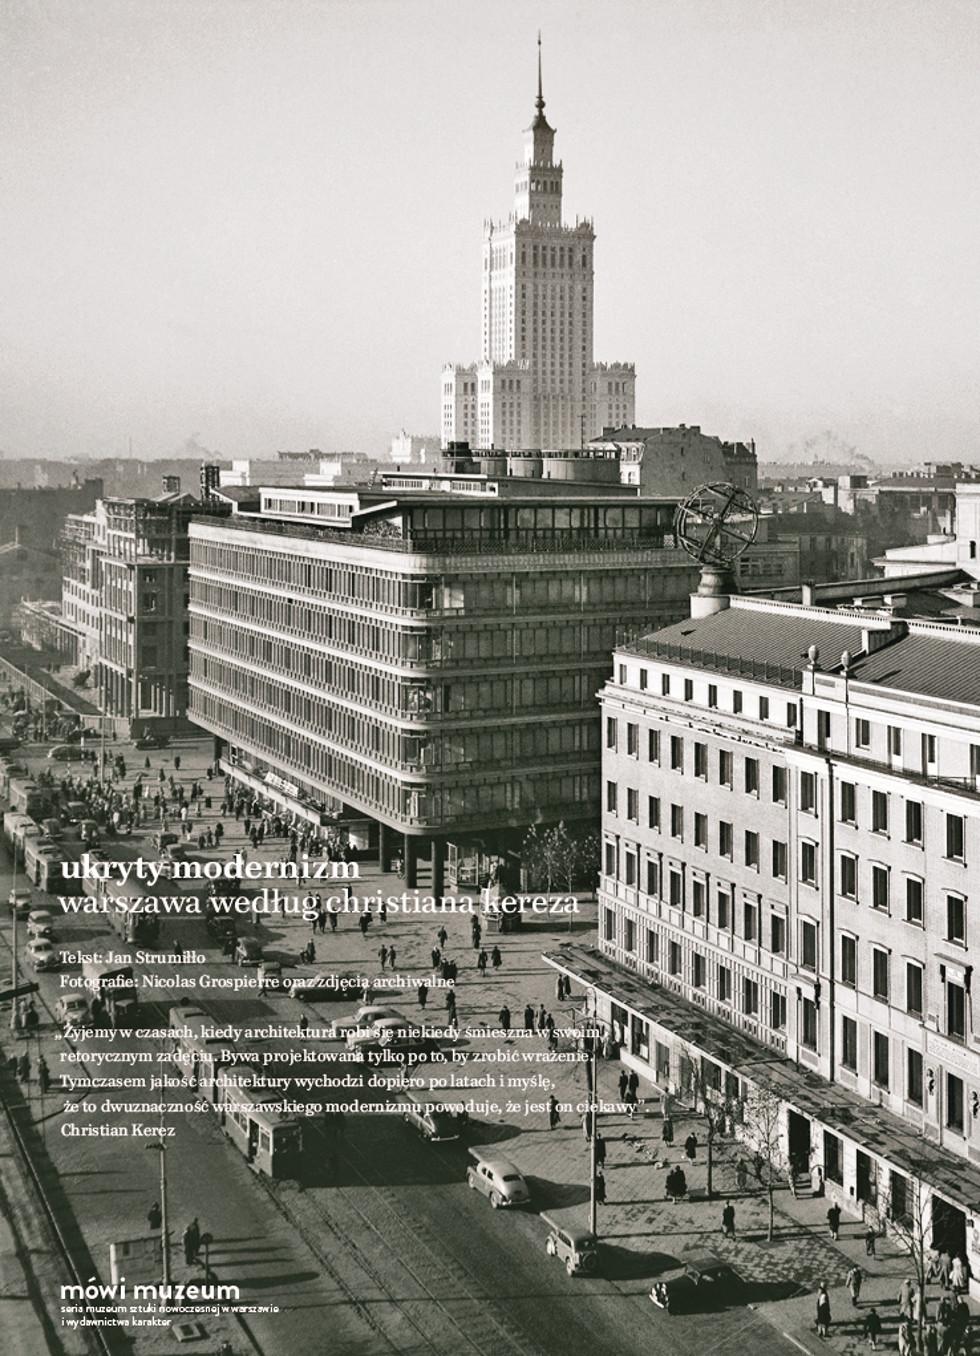 Jan Strumiłło, Ukryty modernizm. Warszawa według Christiana Kereza